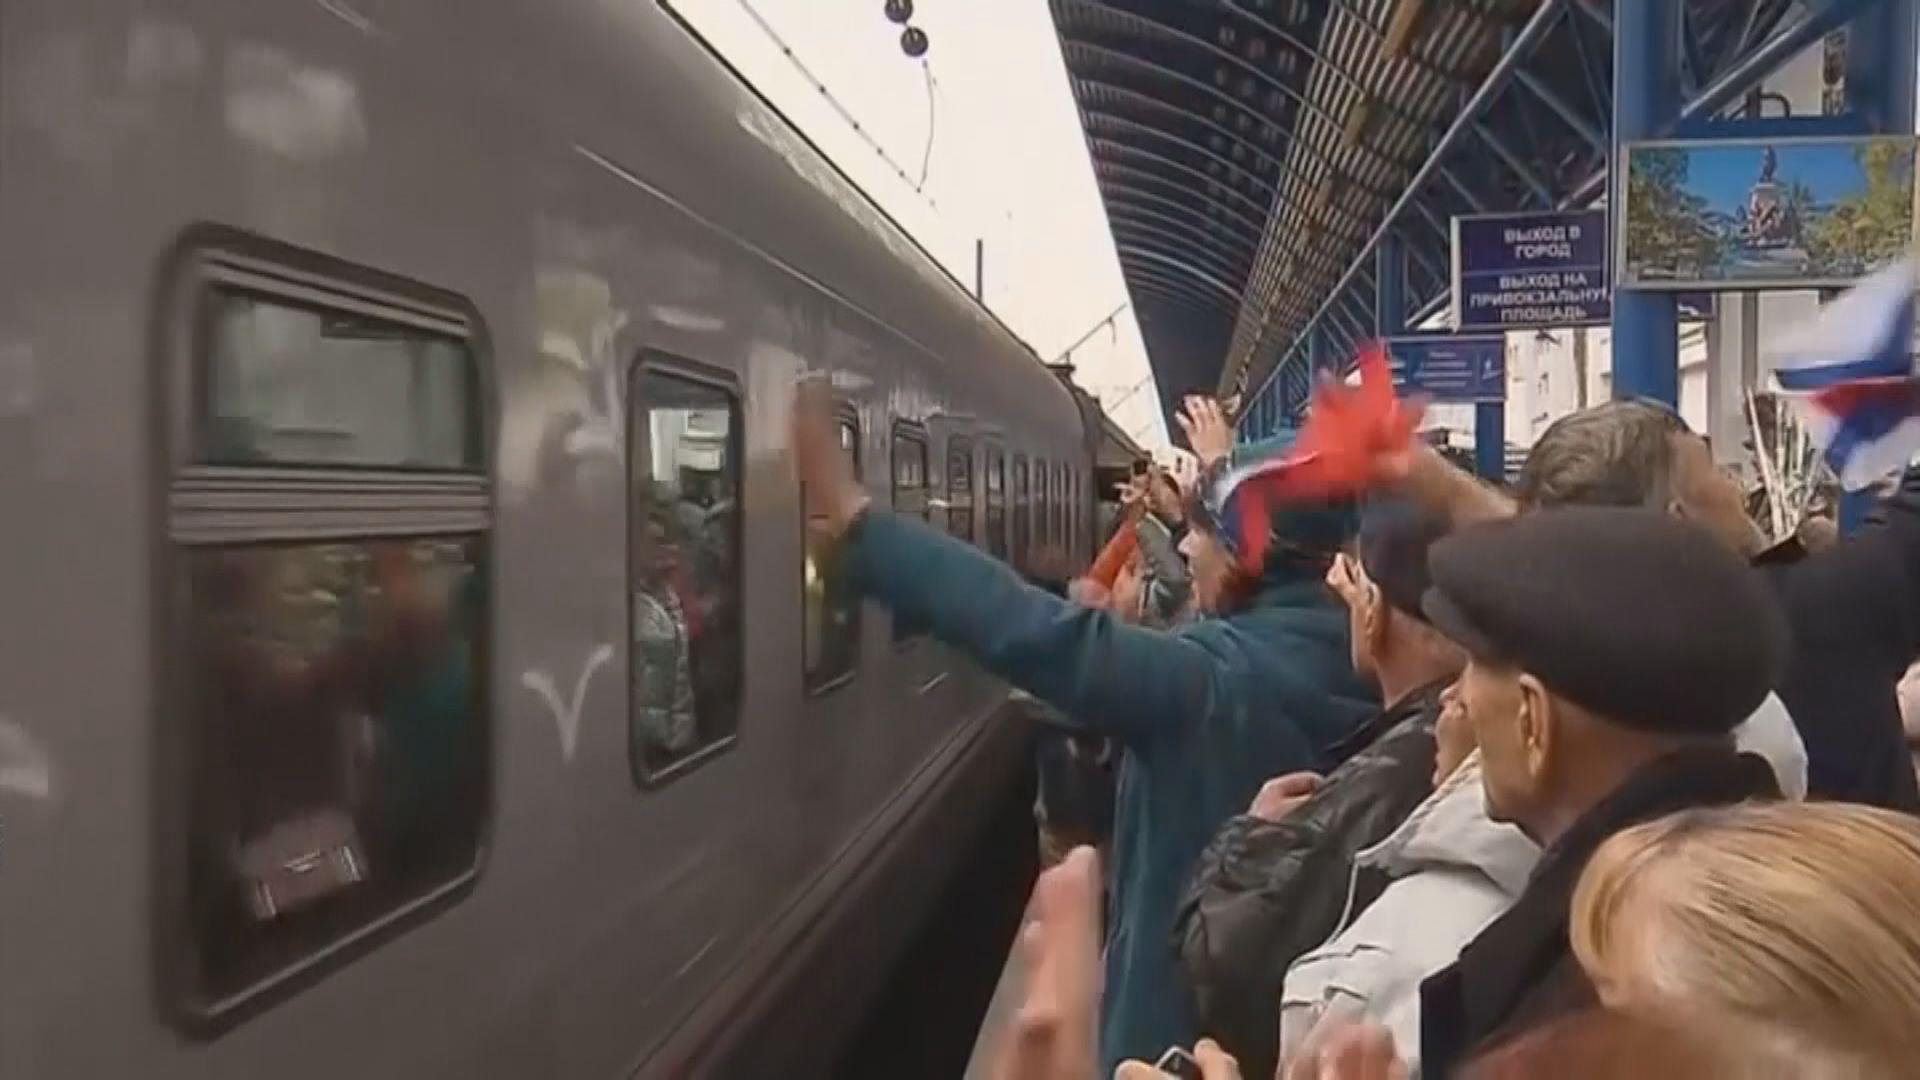 烏克蘭政府指俄羅斯列車經跨海大橋載人非法入境